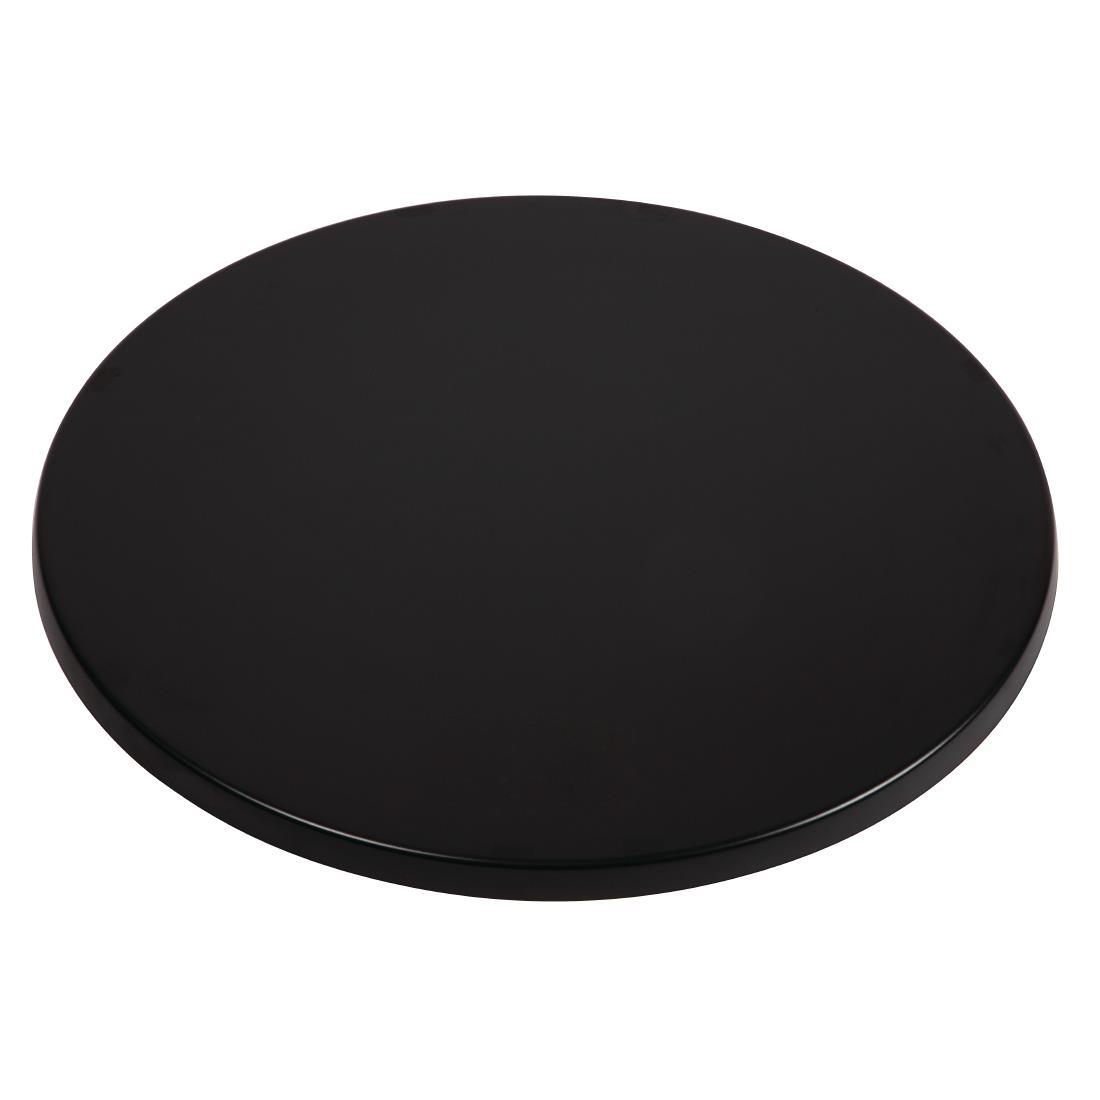 Werzalit Round - Black